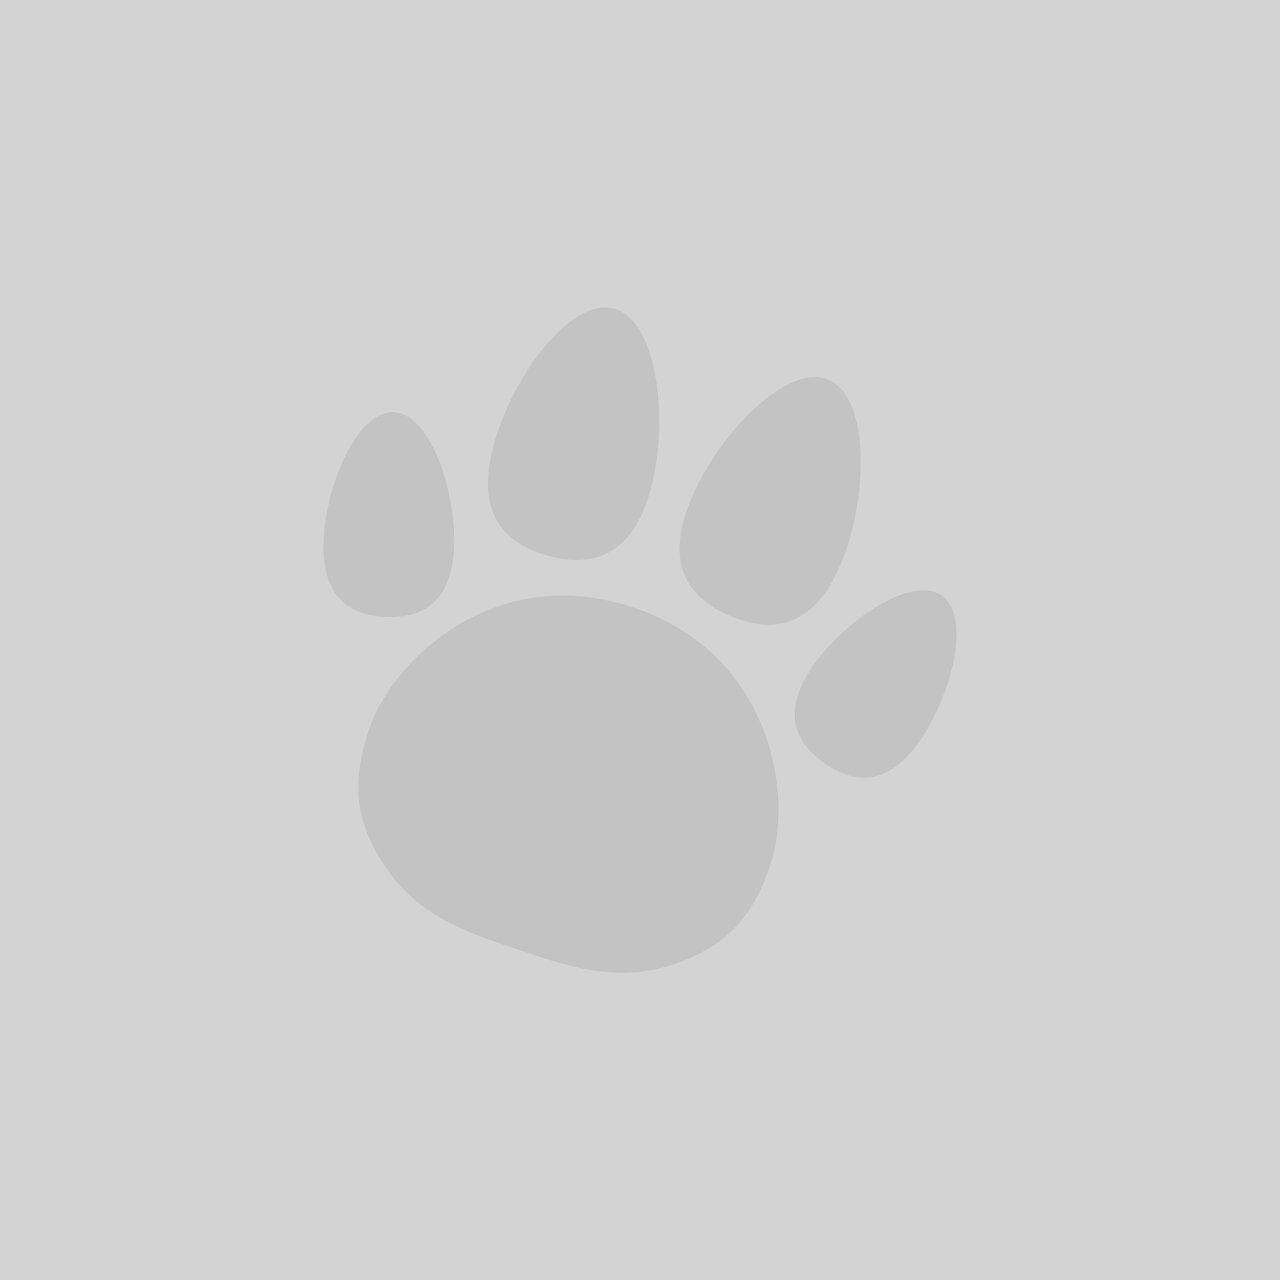 Rufus & Rosie Stainless Steel Bowl Black 290ml